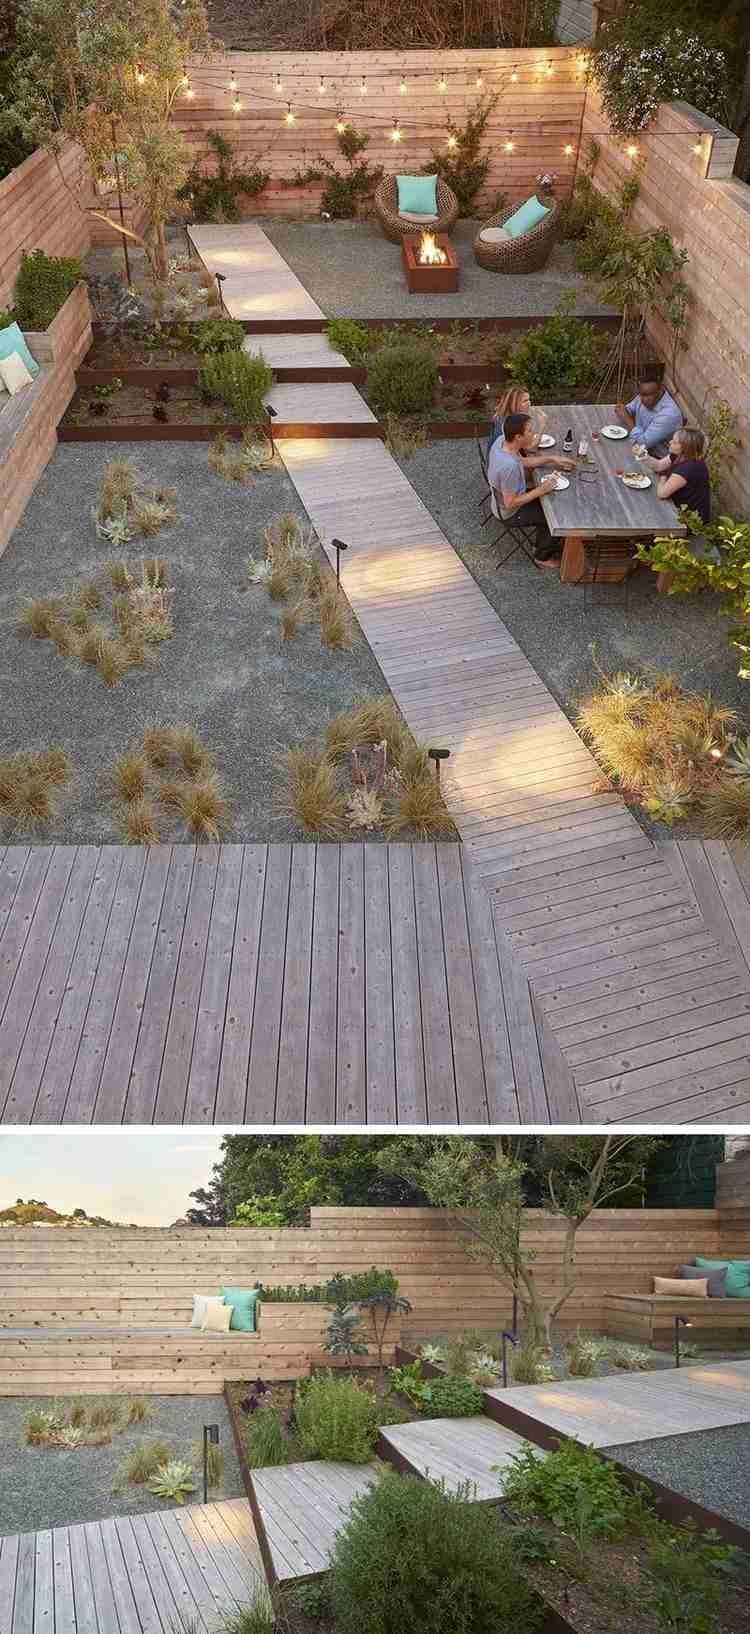 Amenagement Exterieur Maison Arriere Cour Bois Composite Graviers Idees Jardin Amenagement Jardin Jardins